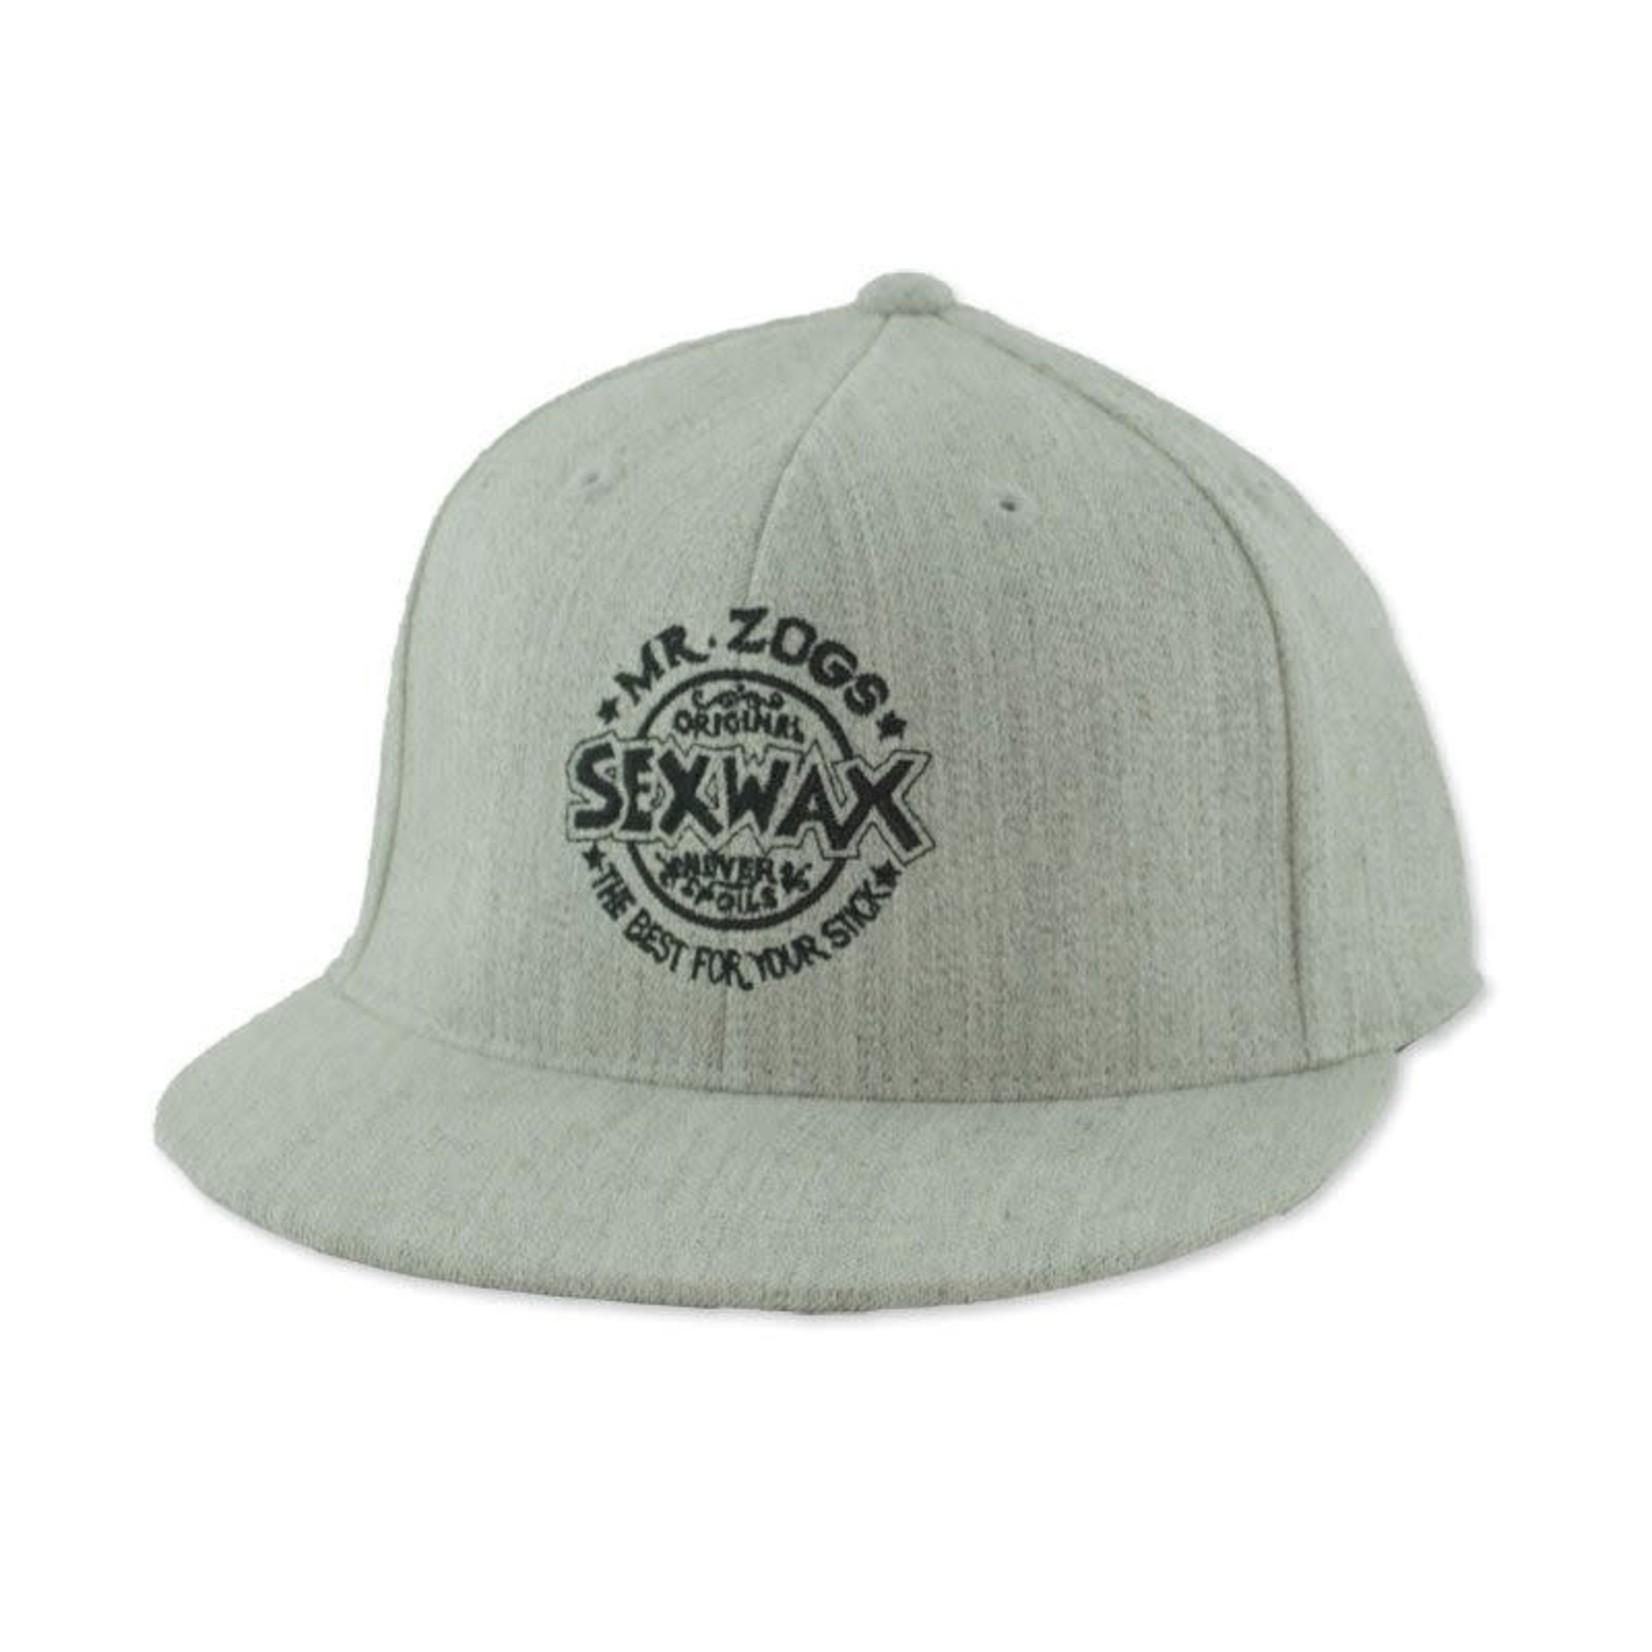 SEX WAX Sex Wax 210 Cap.